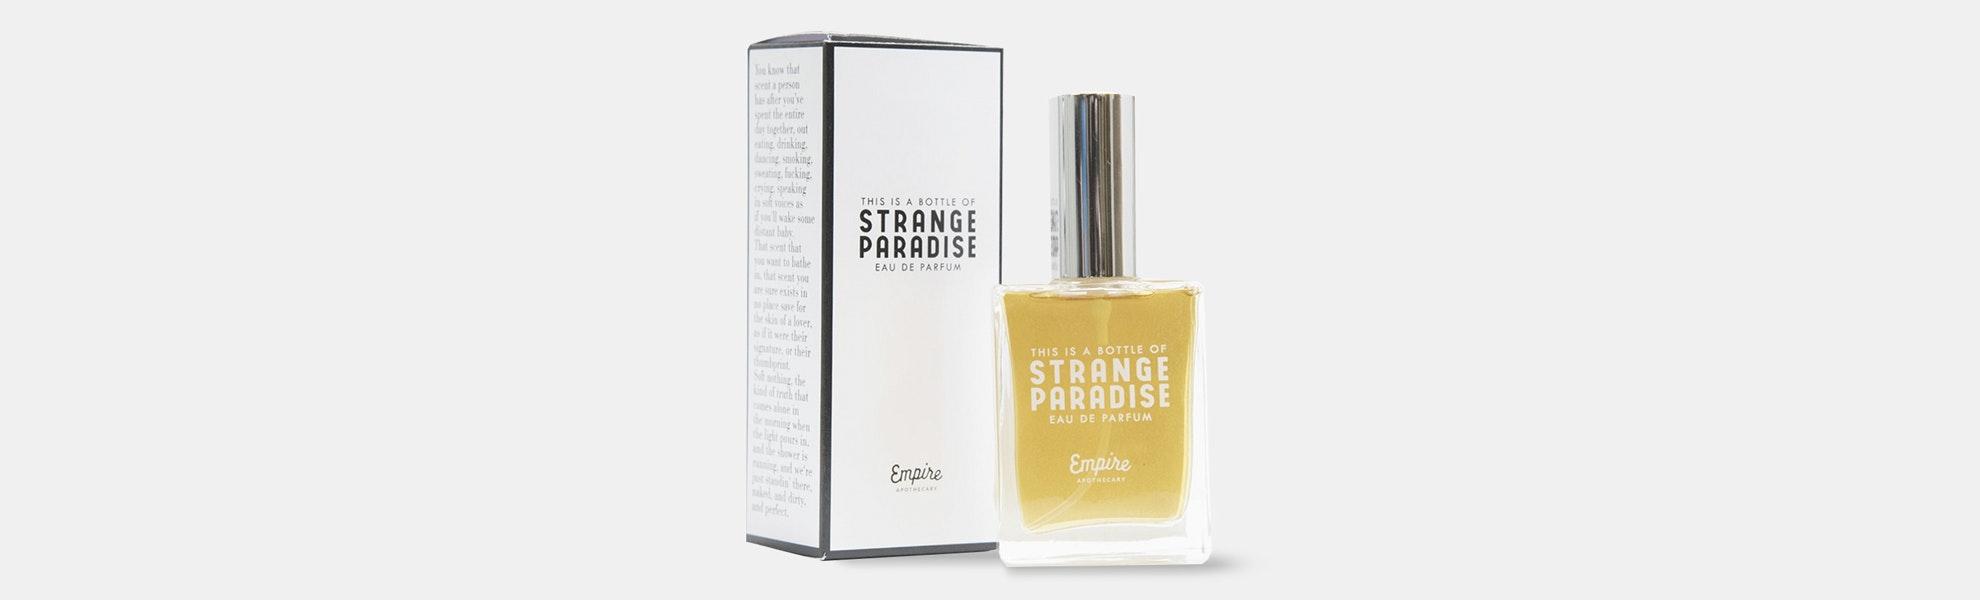 Empire Apothecary Strange Paradise Eau de Parfum